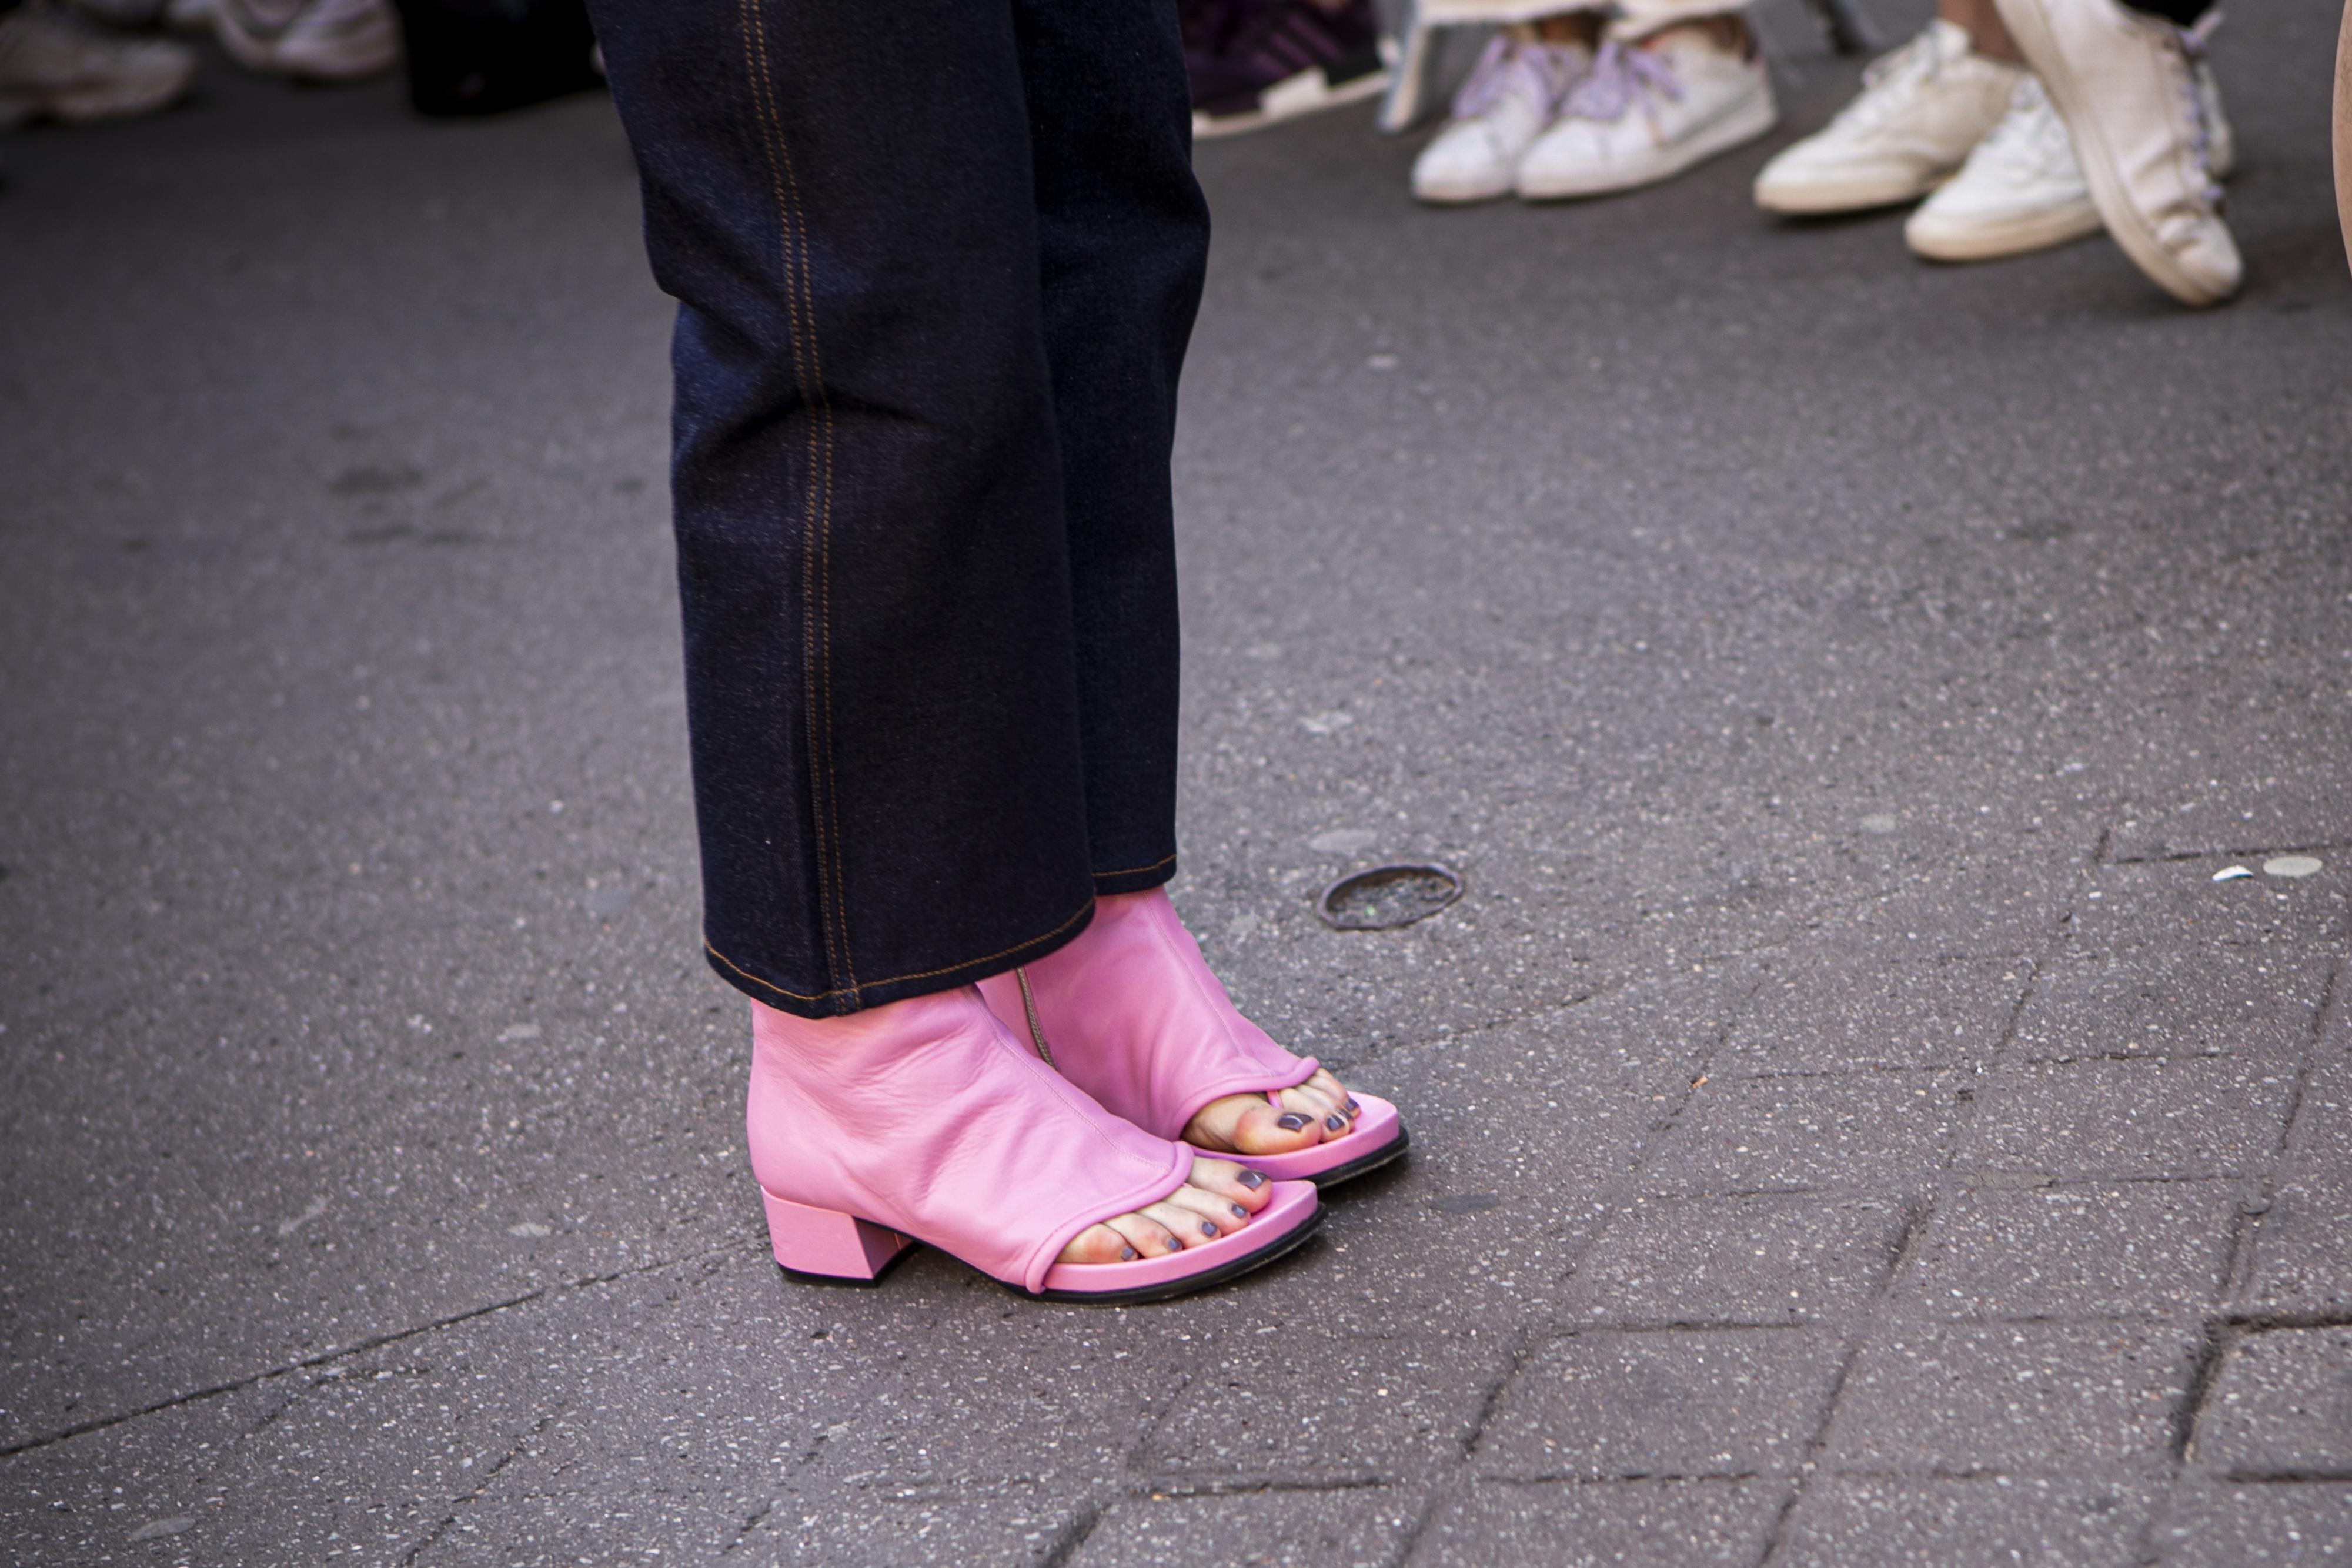 ブーツとサンダルがドッキングしたようなシューズはヒールの印象も加わって、視線を集める足元に仕上げてくれる。濃紺デニムとの相性がいいピンクカラーで可愛らしさをトッピング。